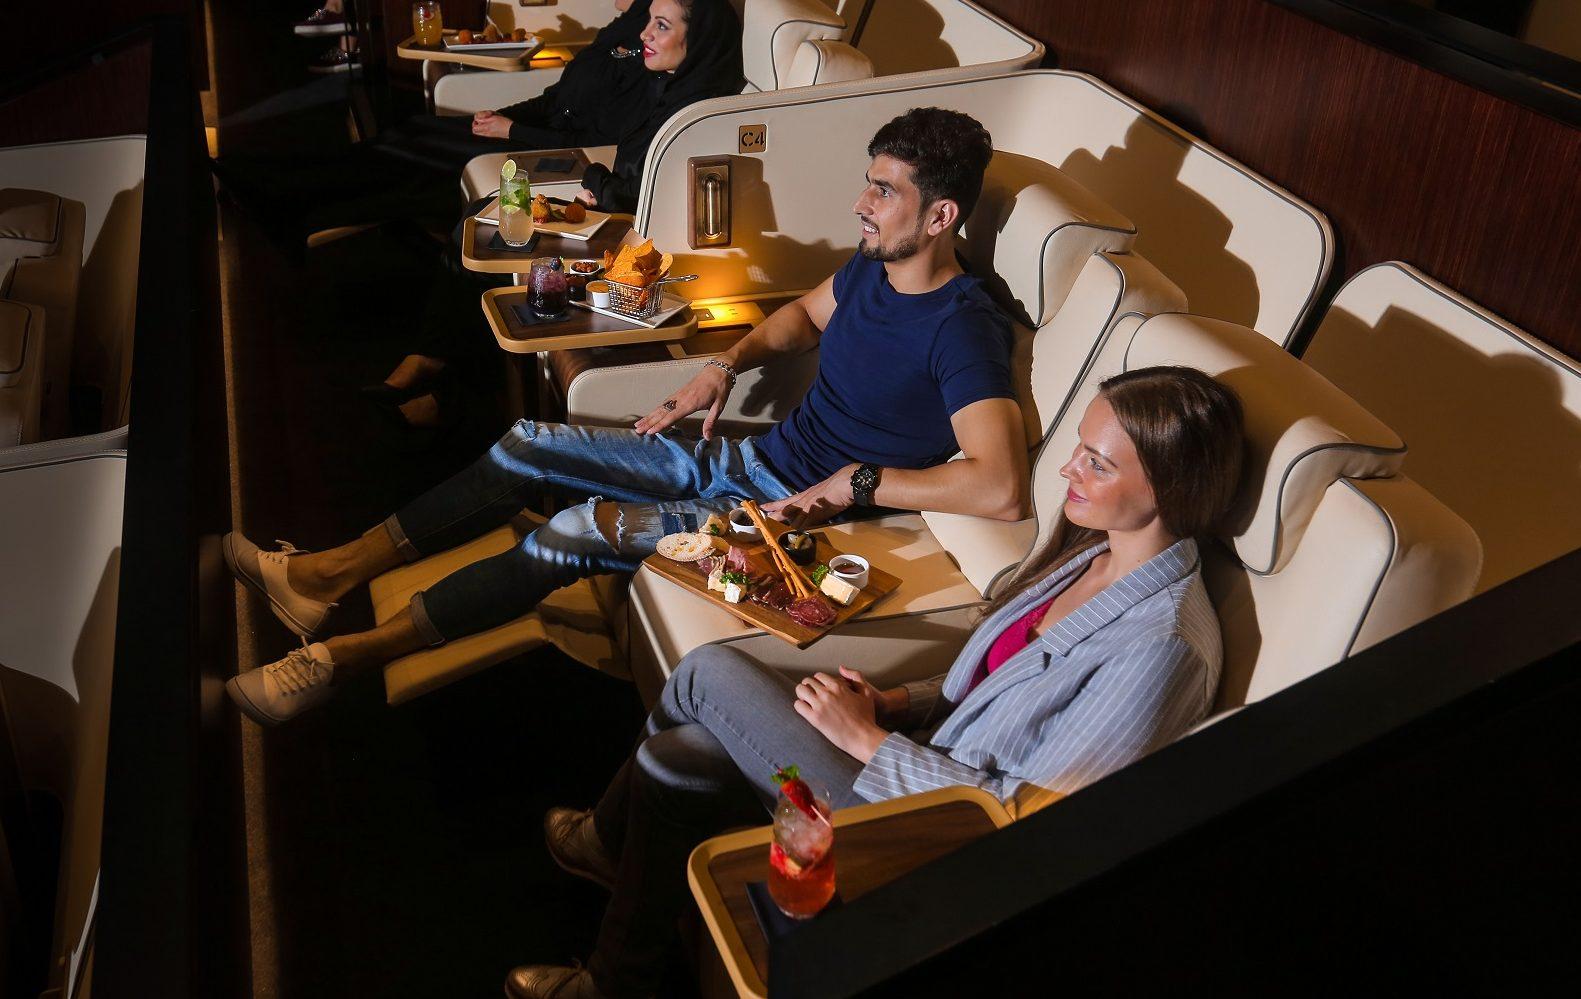 ريل سينما في دبي مول بحلتها الجديدة